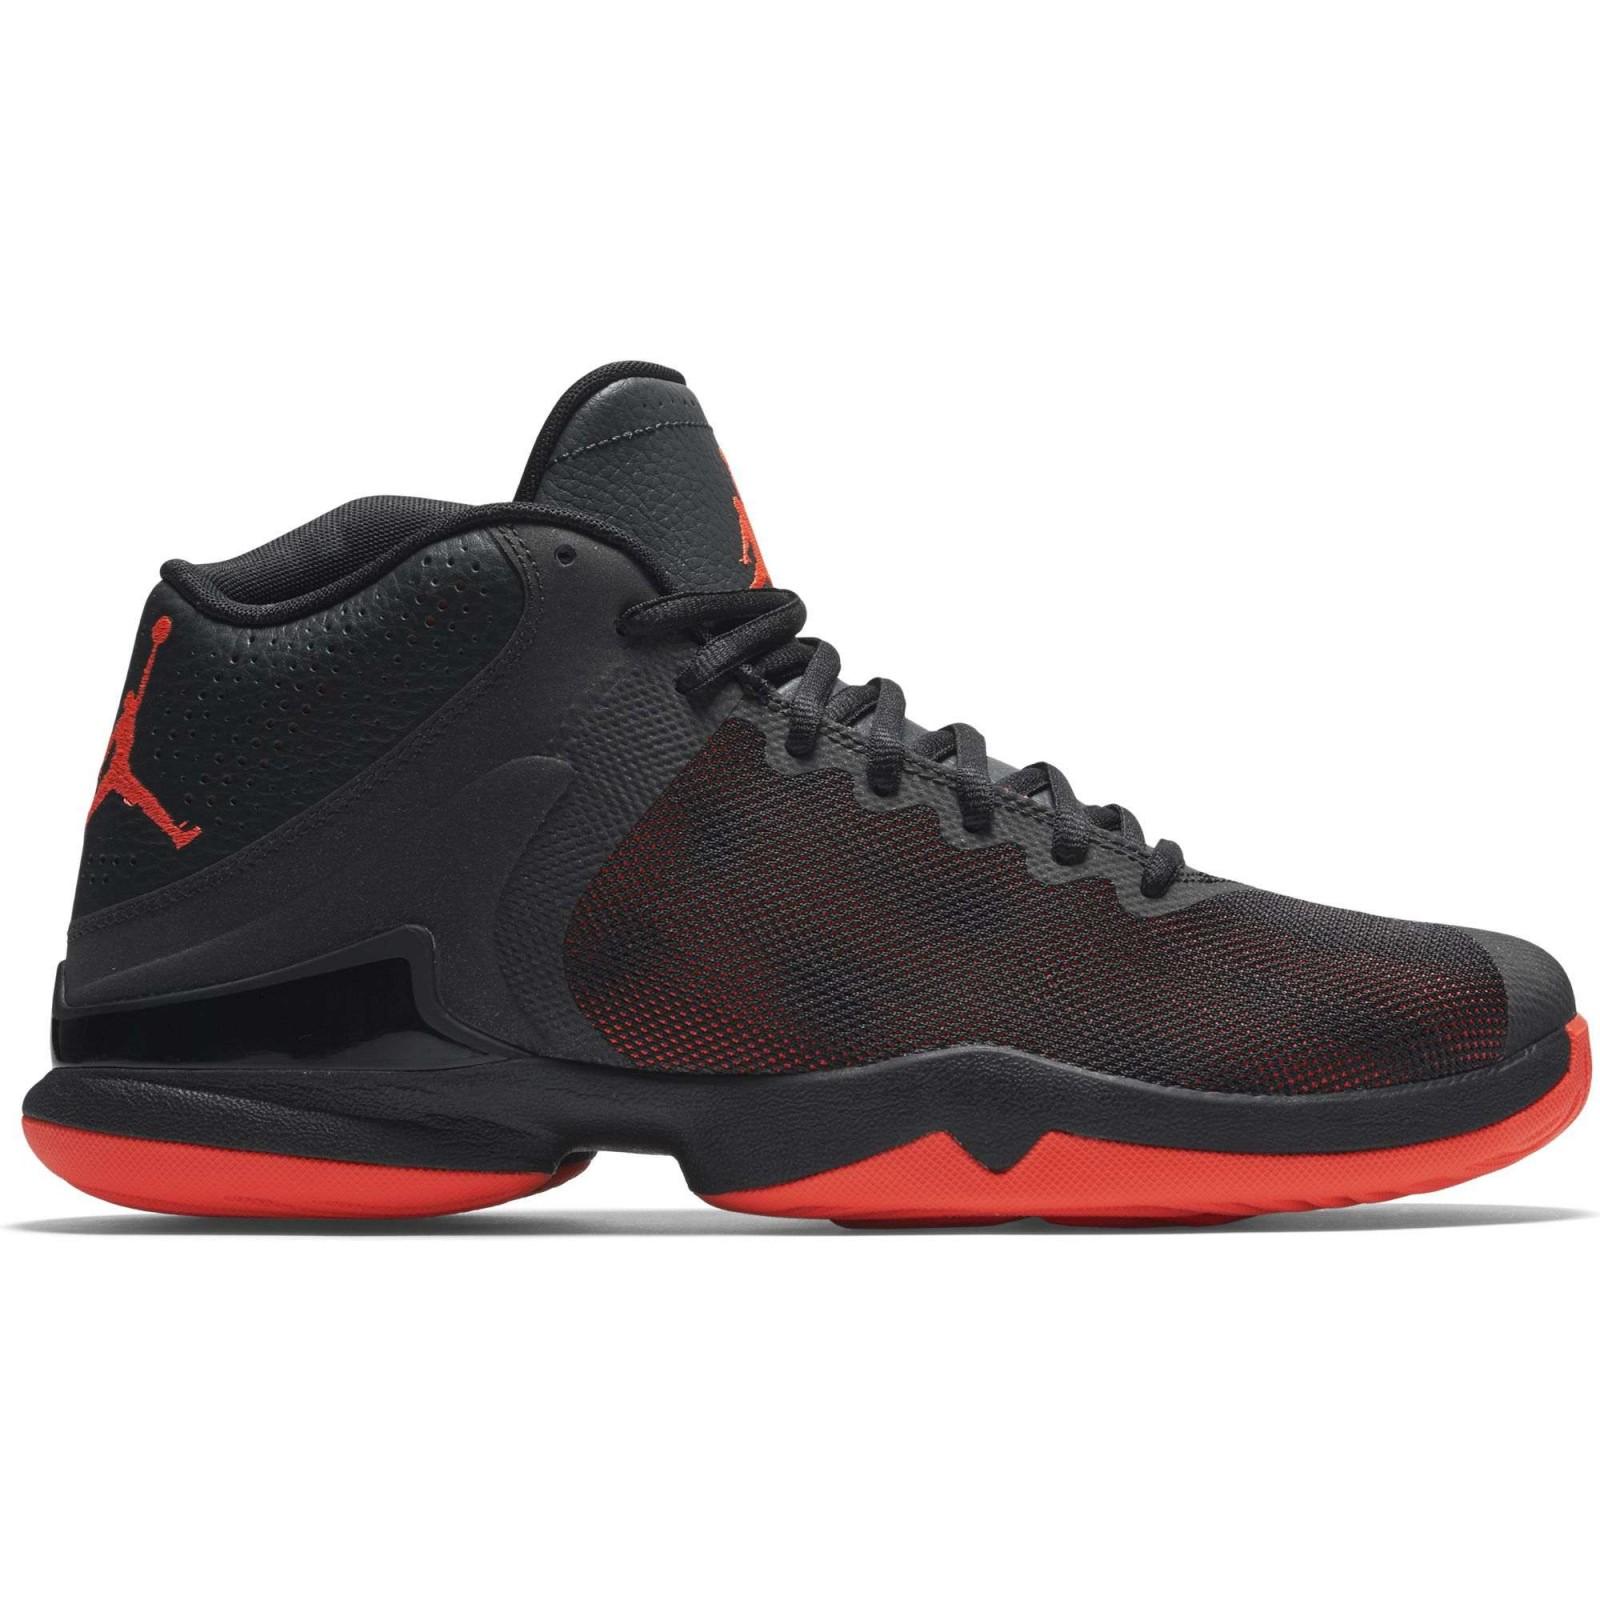 265b3ad8f9c Pánské boty Jordan SUPER.FLY 4 PO